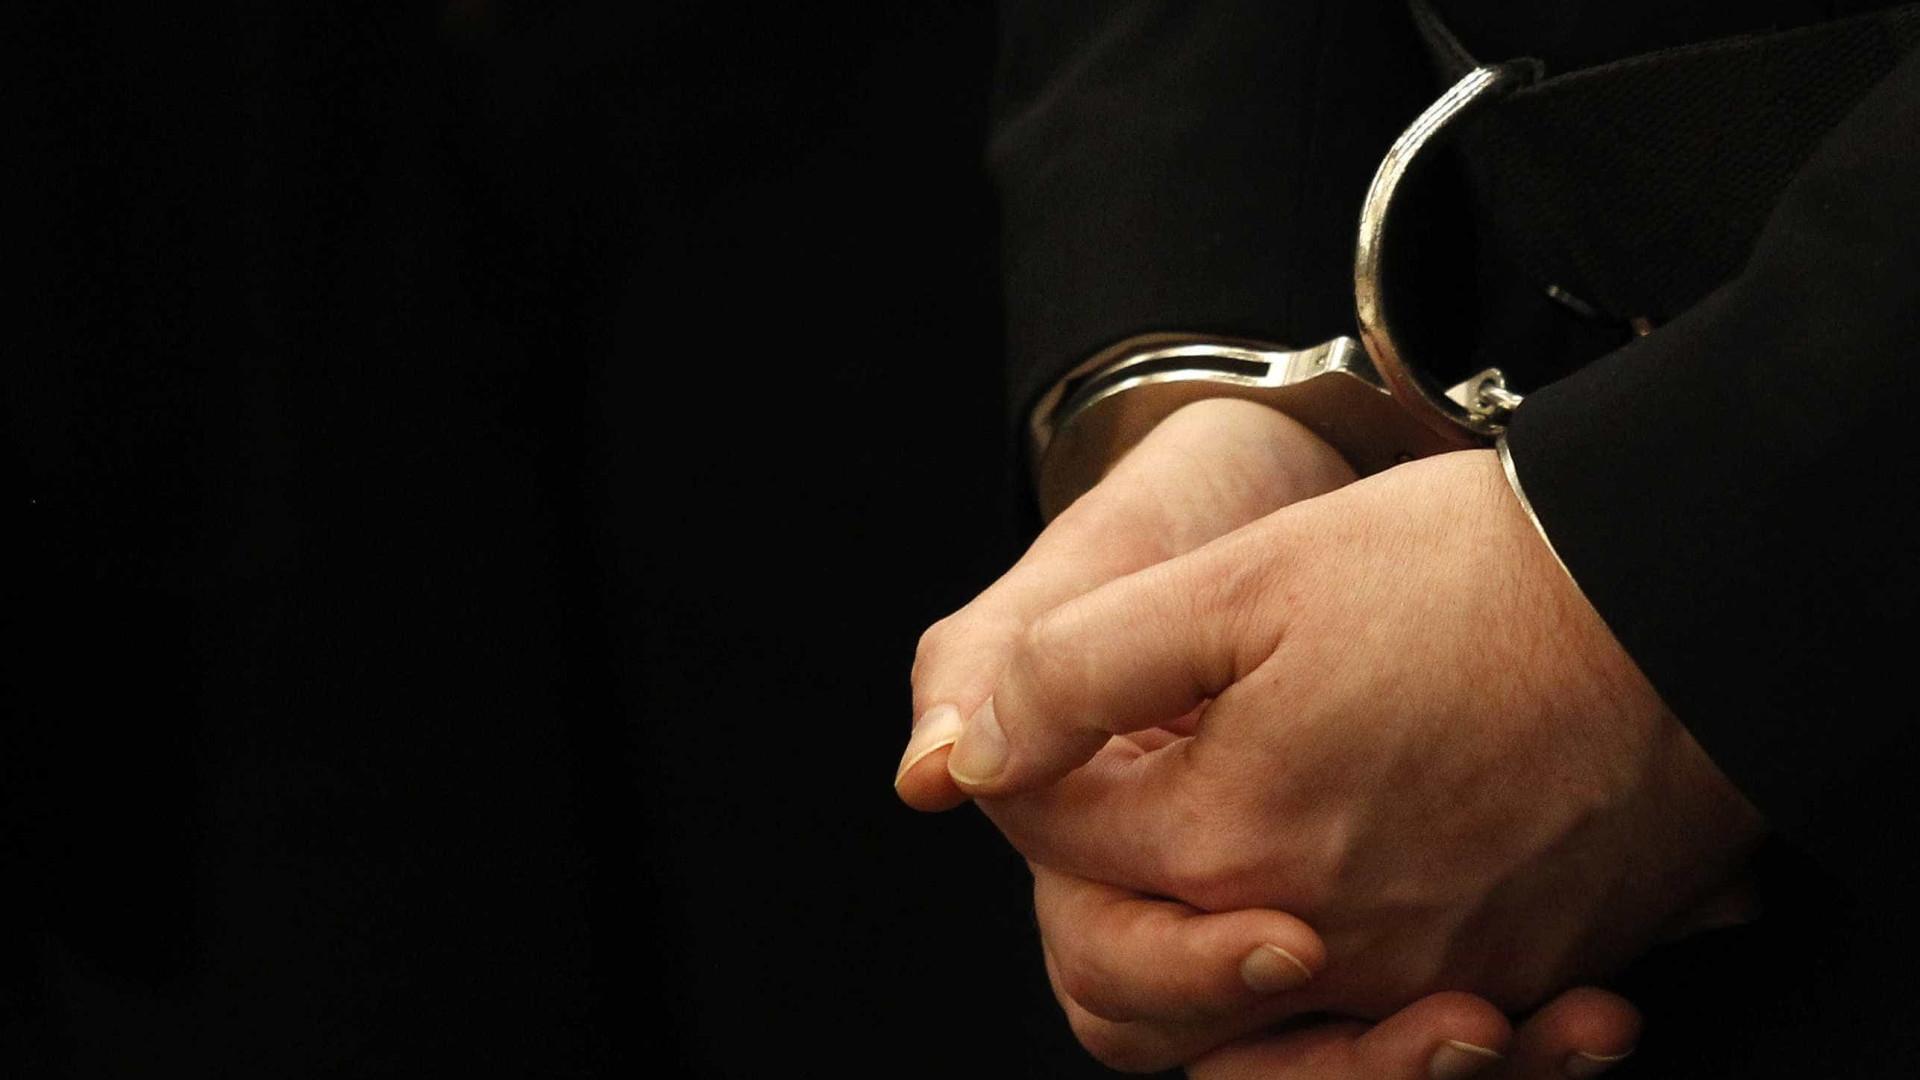 Detido em Felgueiras por suspeita de fogo posto fica em prisão preventiva